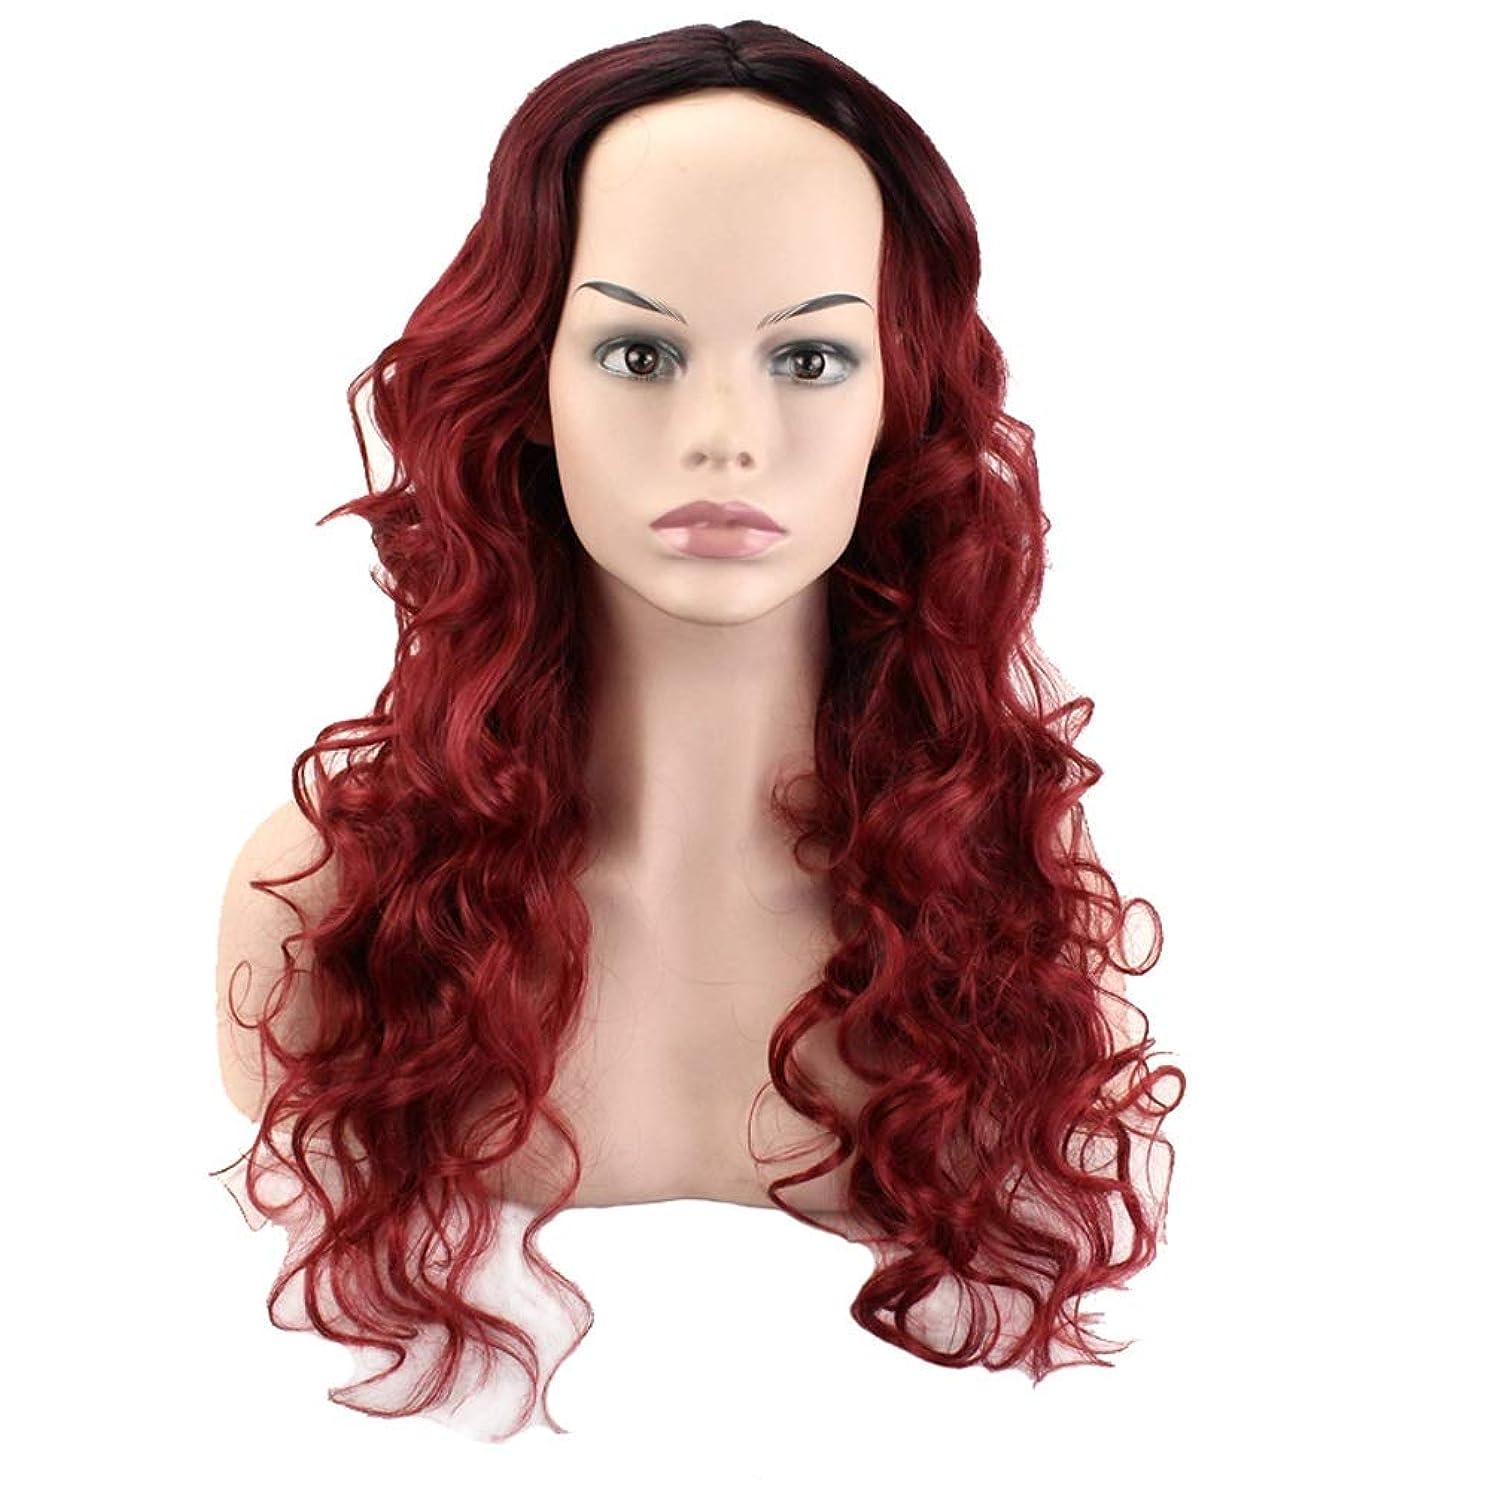 頼る充電震えるかつらロングロール高温シルクかつらファッションパーソナリティ天然柔らかいプロムスタイルのロールプレイ60cm黒のグラデーション (色 : Red, サイズ さいず : 60 cm 60 cm)